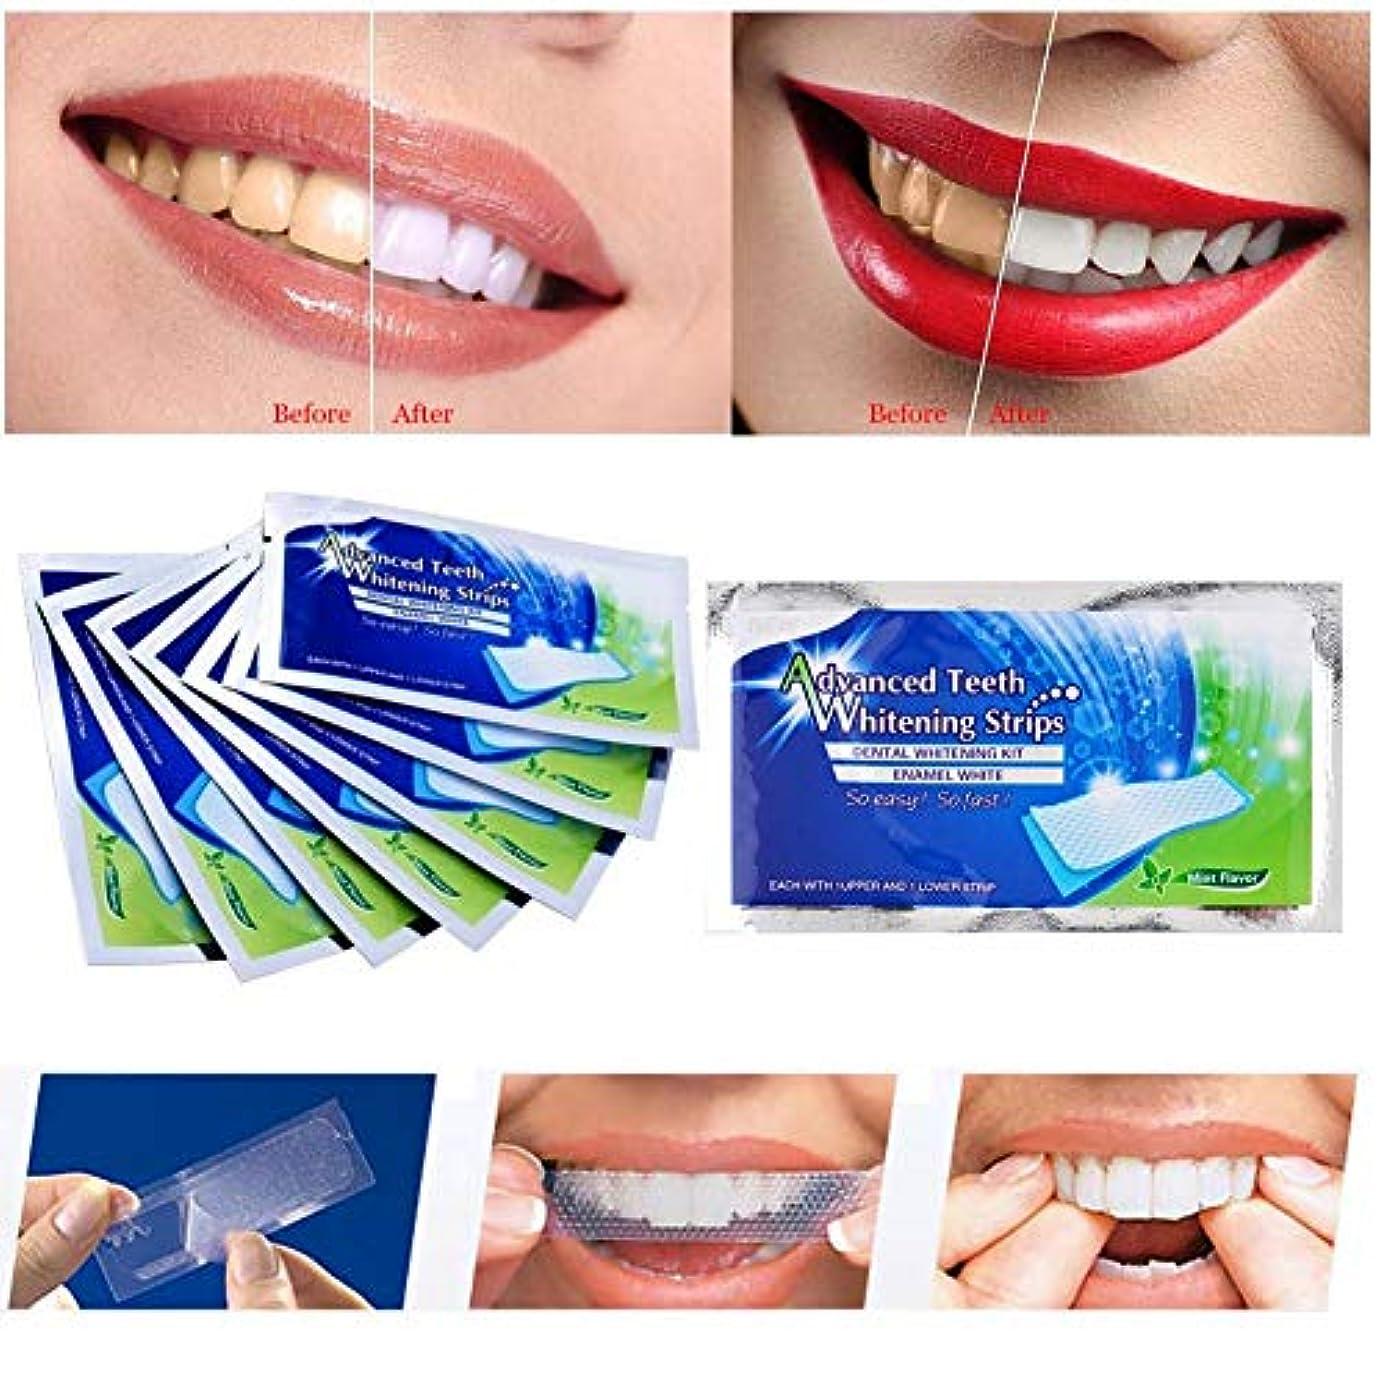 コミット確立銀河(最高の品質と価格)20pcs(10bag)歯ホワイトニングストリップ歯科治療用の完璧なツール (Best Quality and Price) 20pcs (10bag) Teeth Whitening Strips...